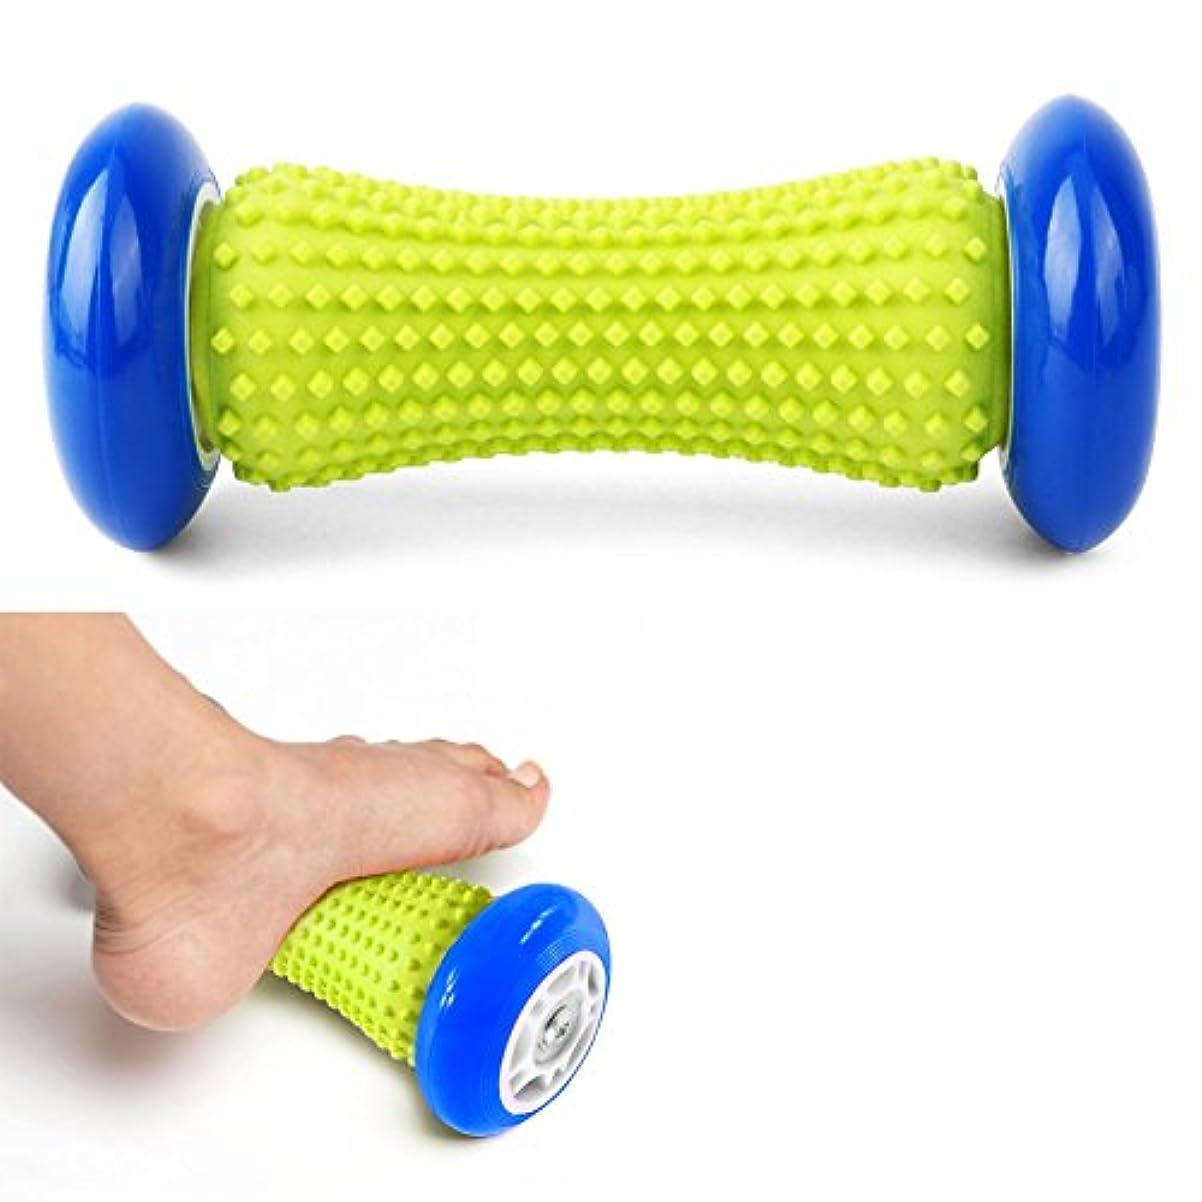 わかる鷹ジャズDOXUNGO 足と手のマッサージローラー - マッスルローラースティック - 手首と前腕足底筋膜炎、腕の痛み - かかと&足アーチ痛の救済のための運動ローラー (ブラック)